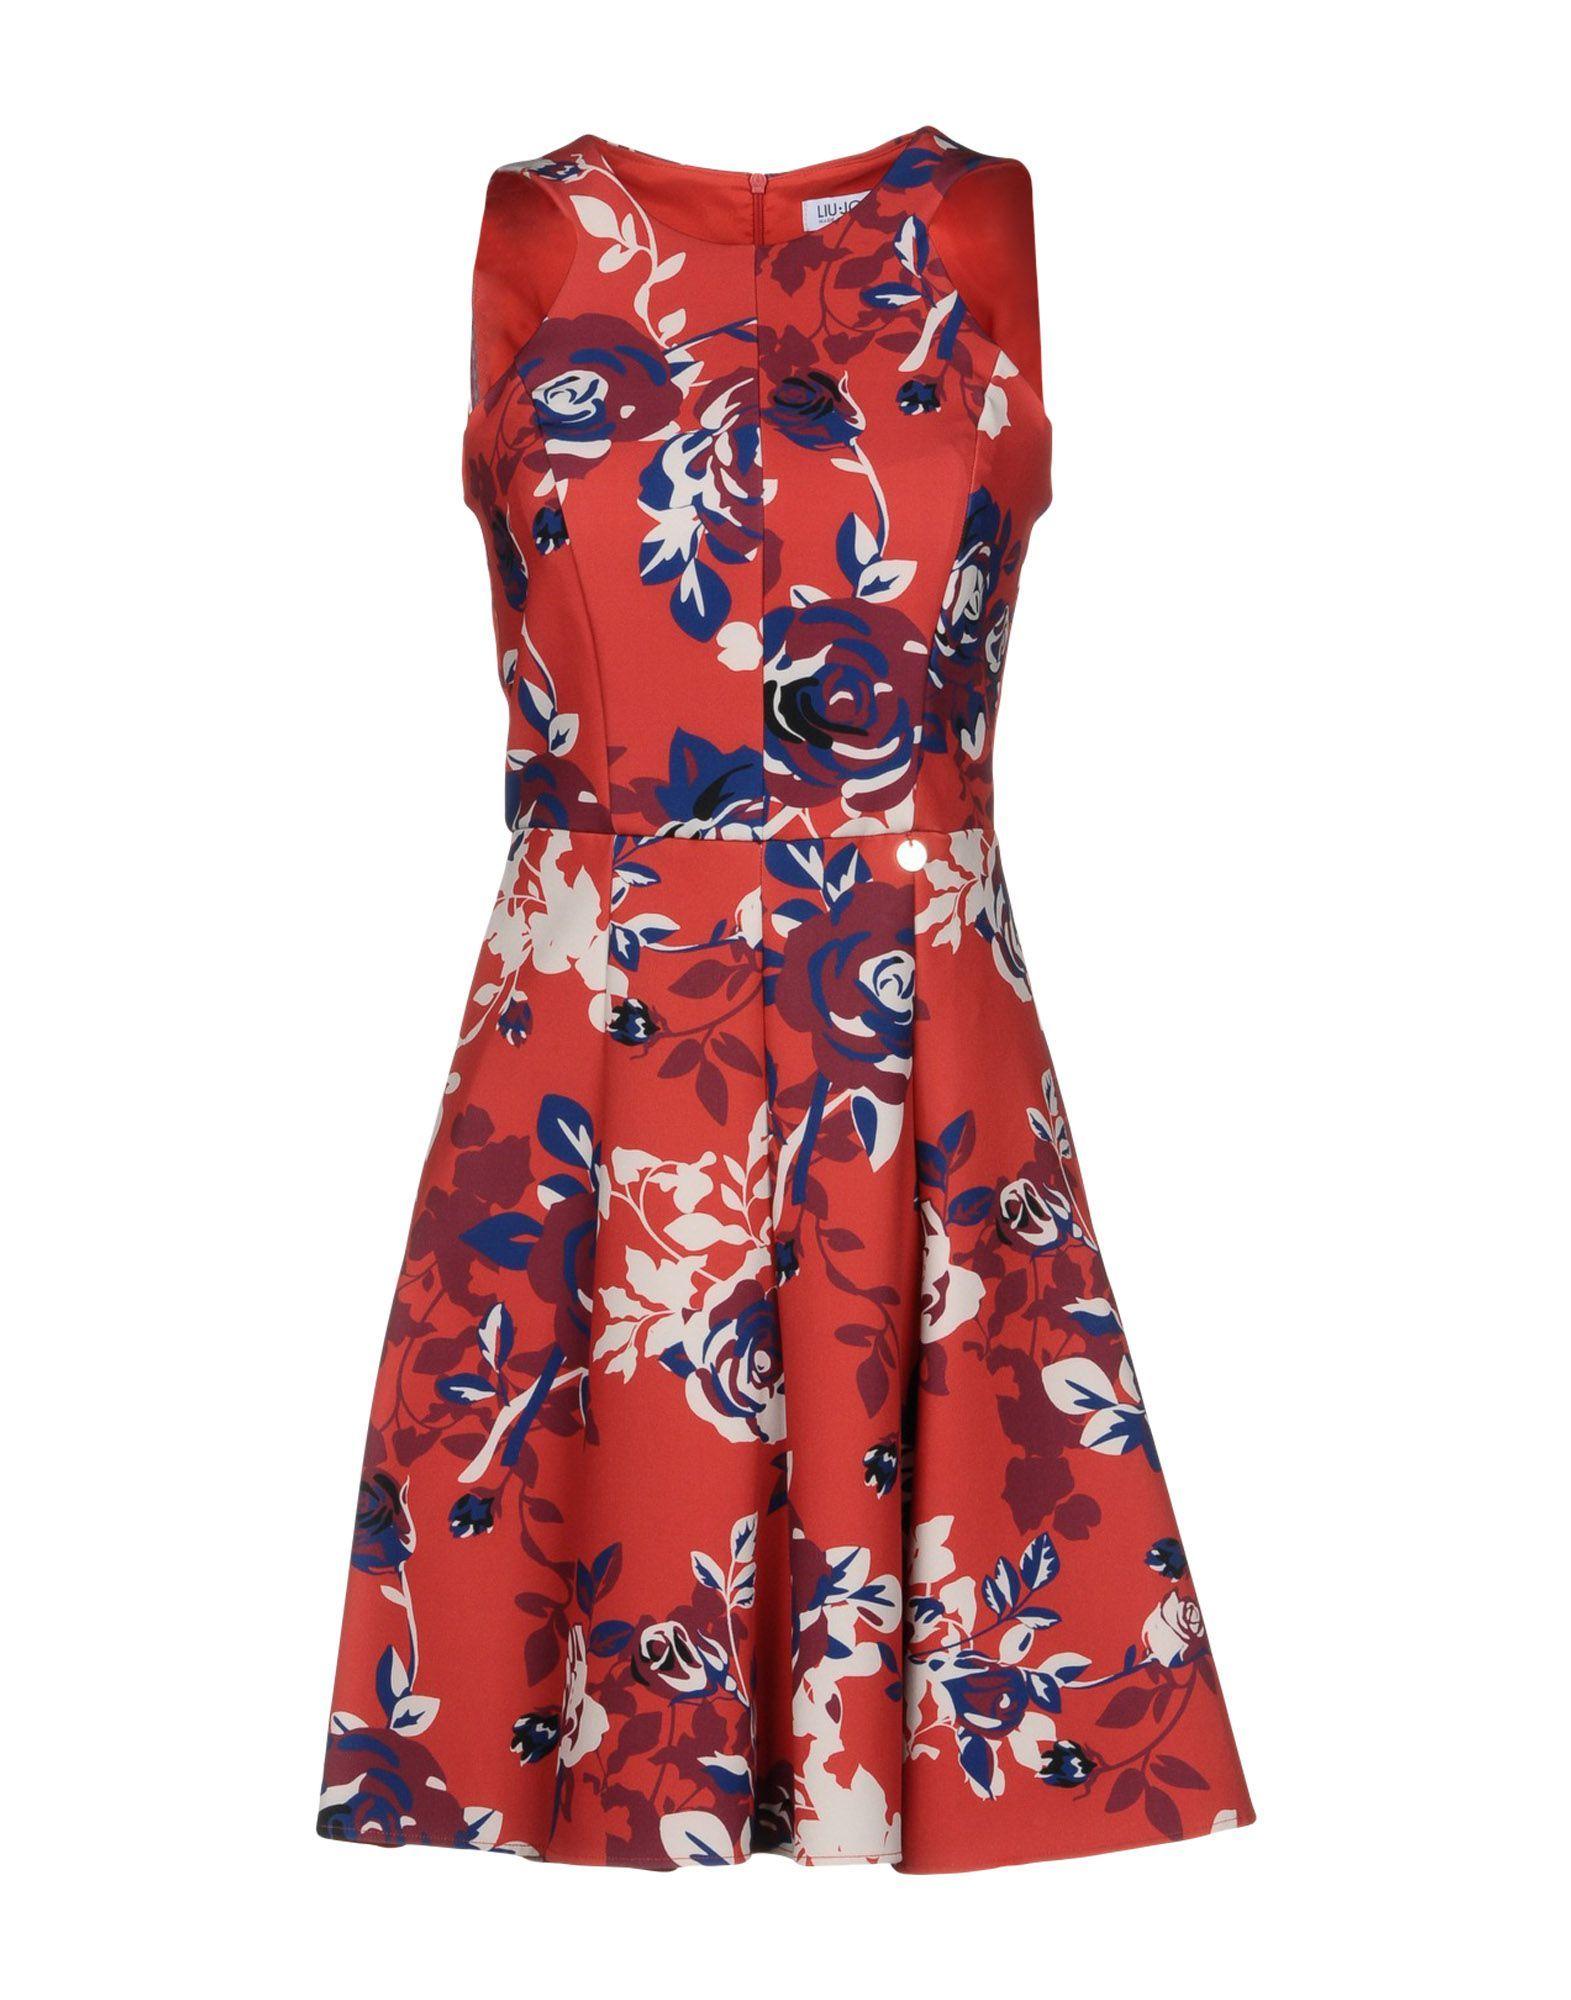 Liu Jo Red Print Dress